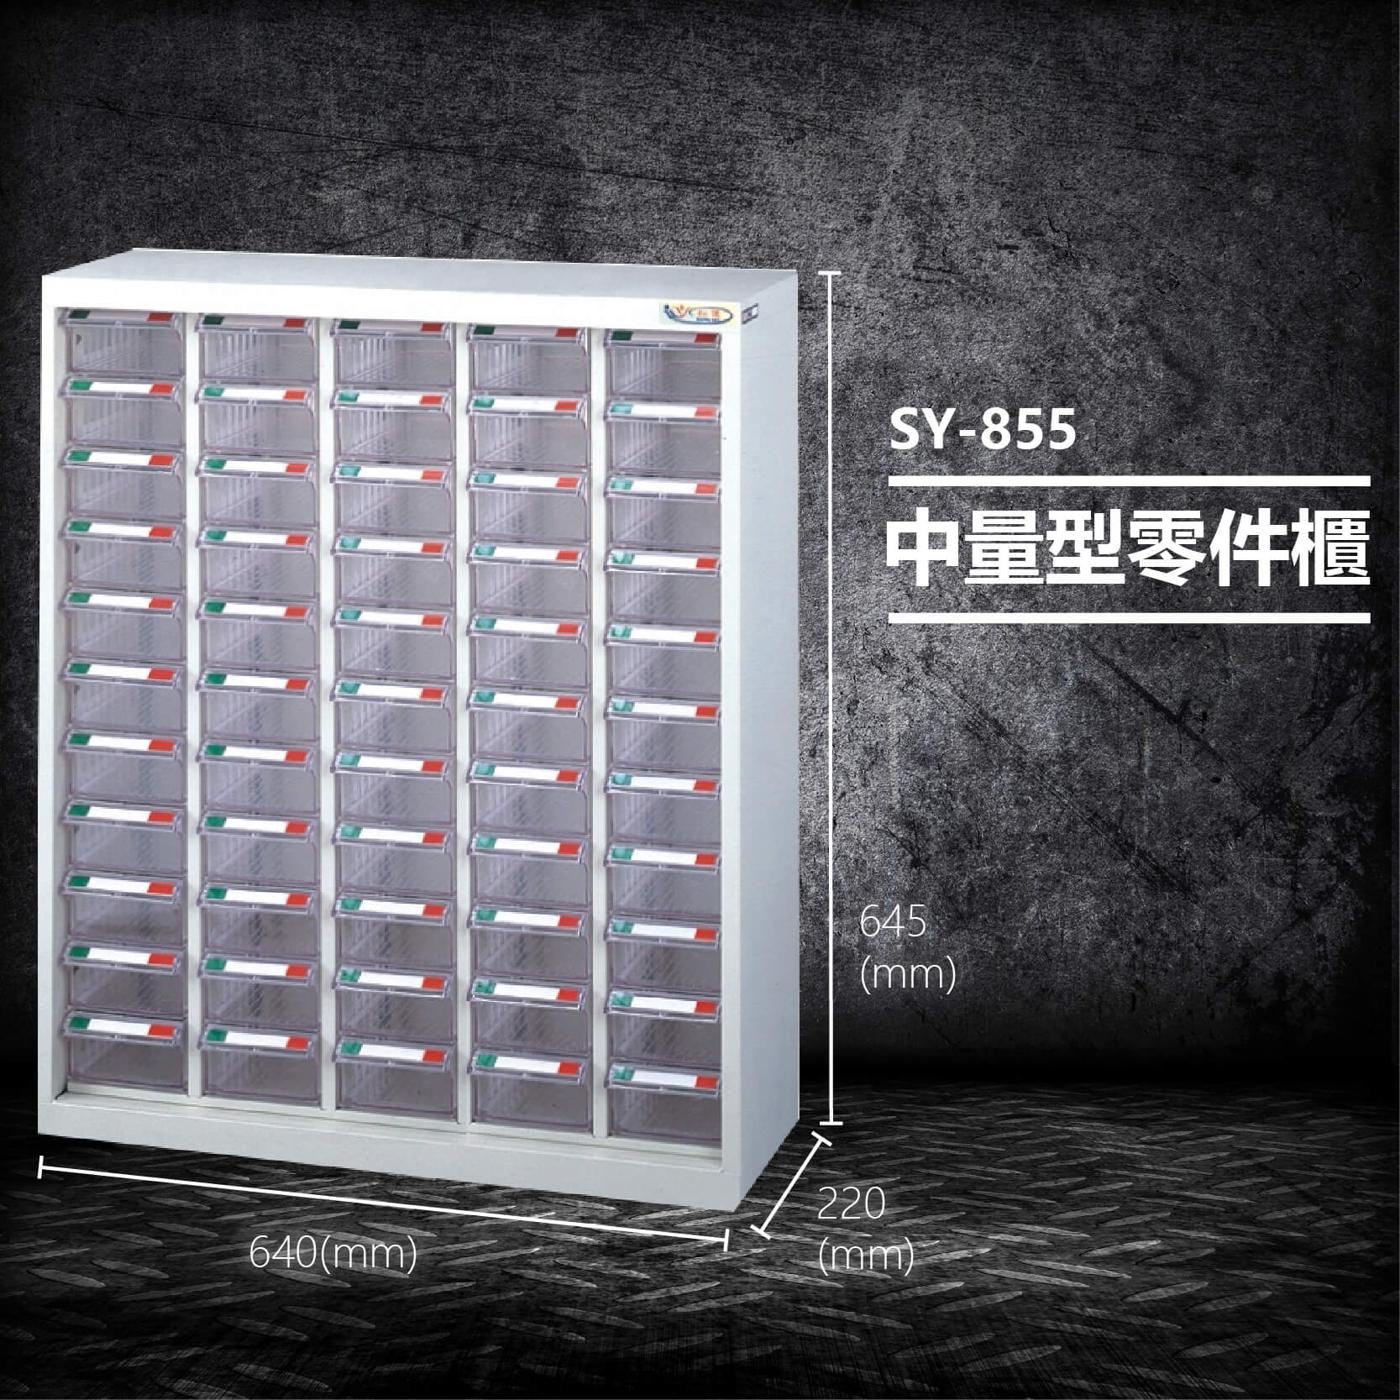 【台灣製造】大富 SY-855 中量型零件櫃 收納櫃 零件盒 置物櫃 分類盒 分類櫃 工具櫃